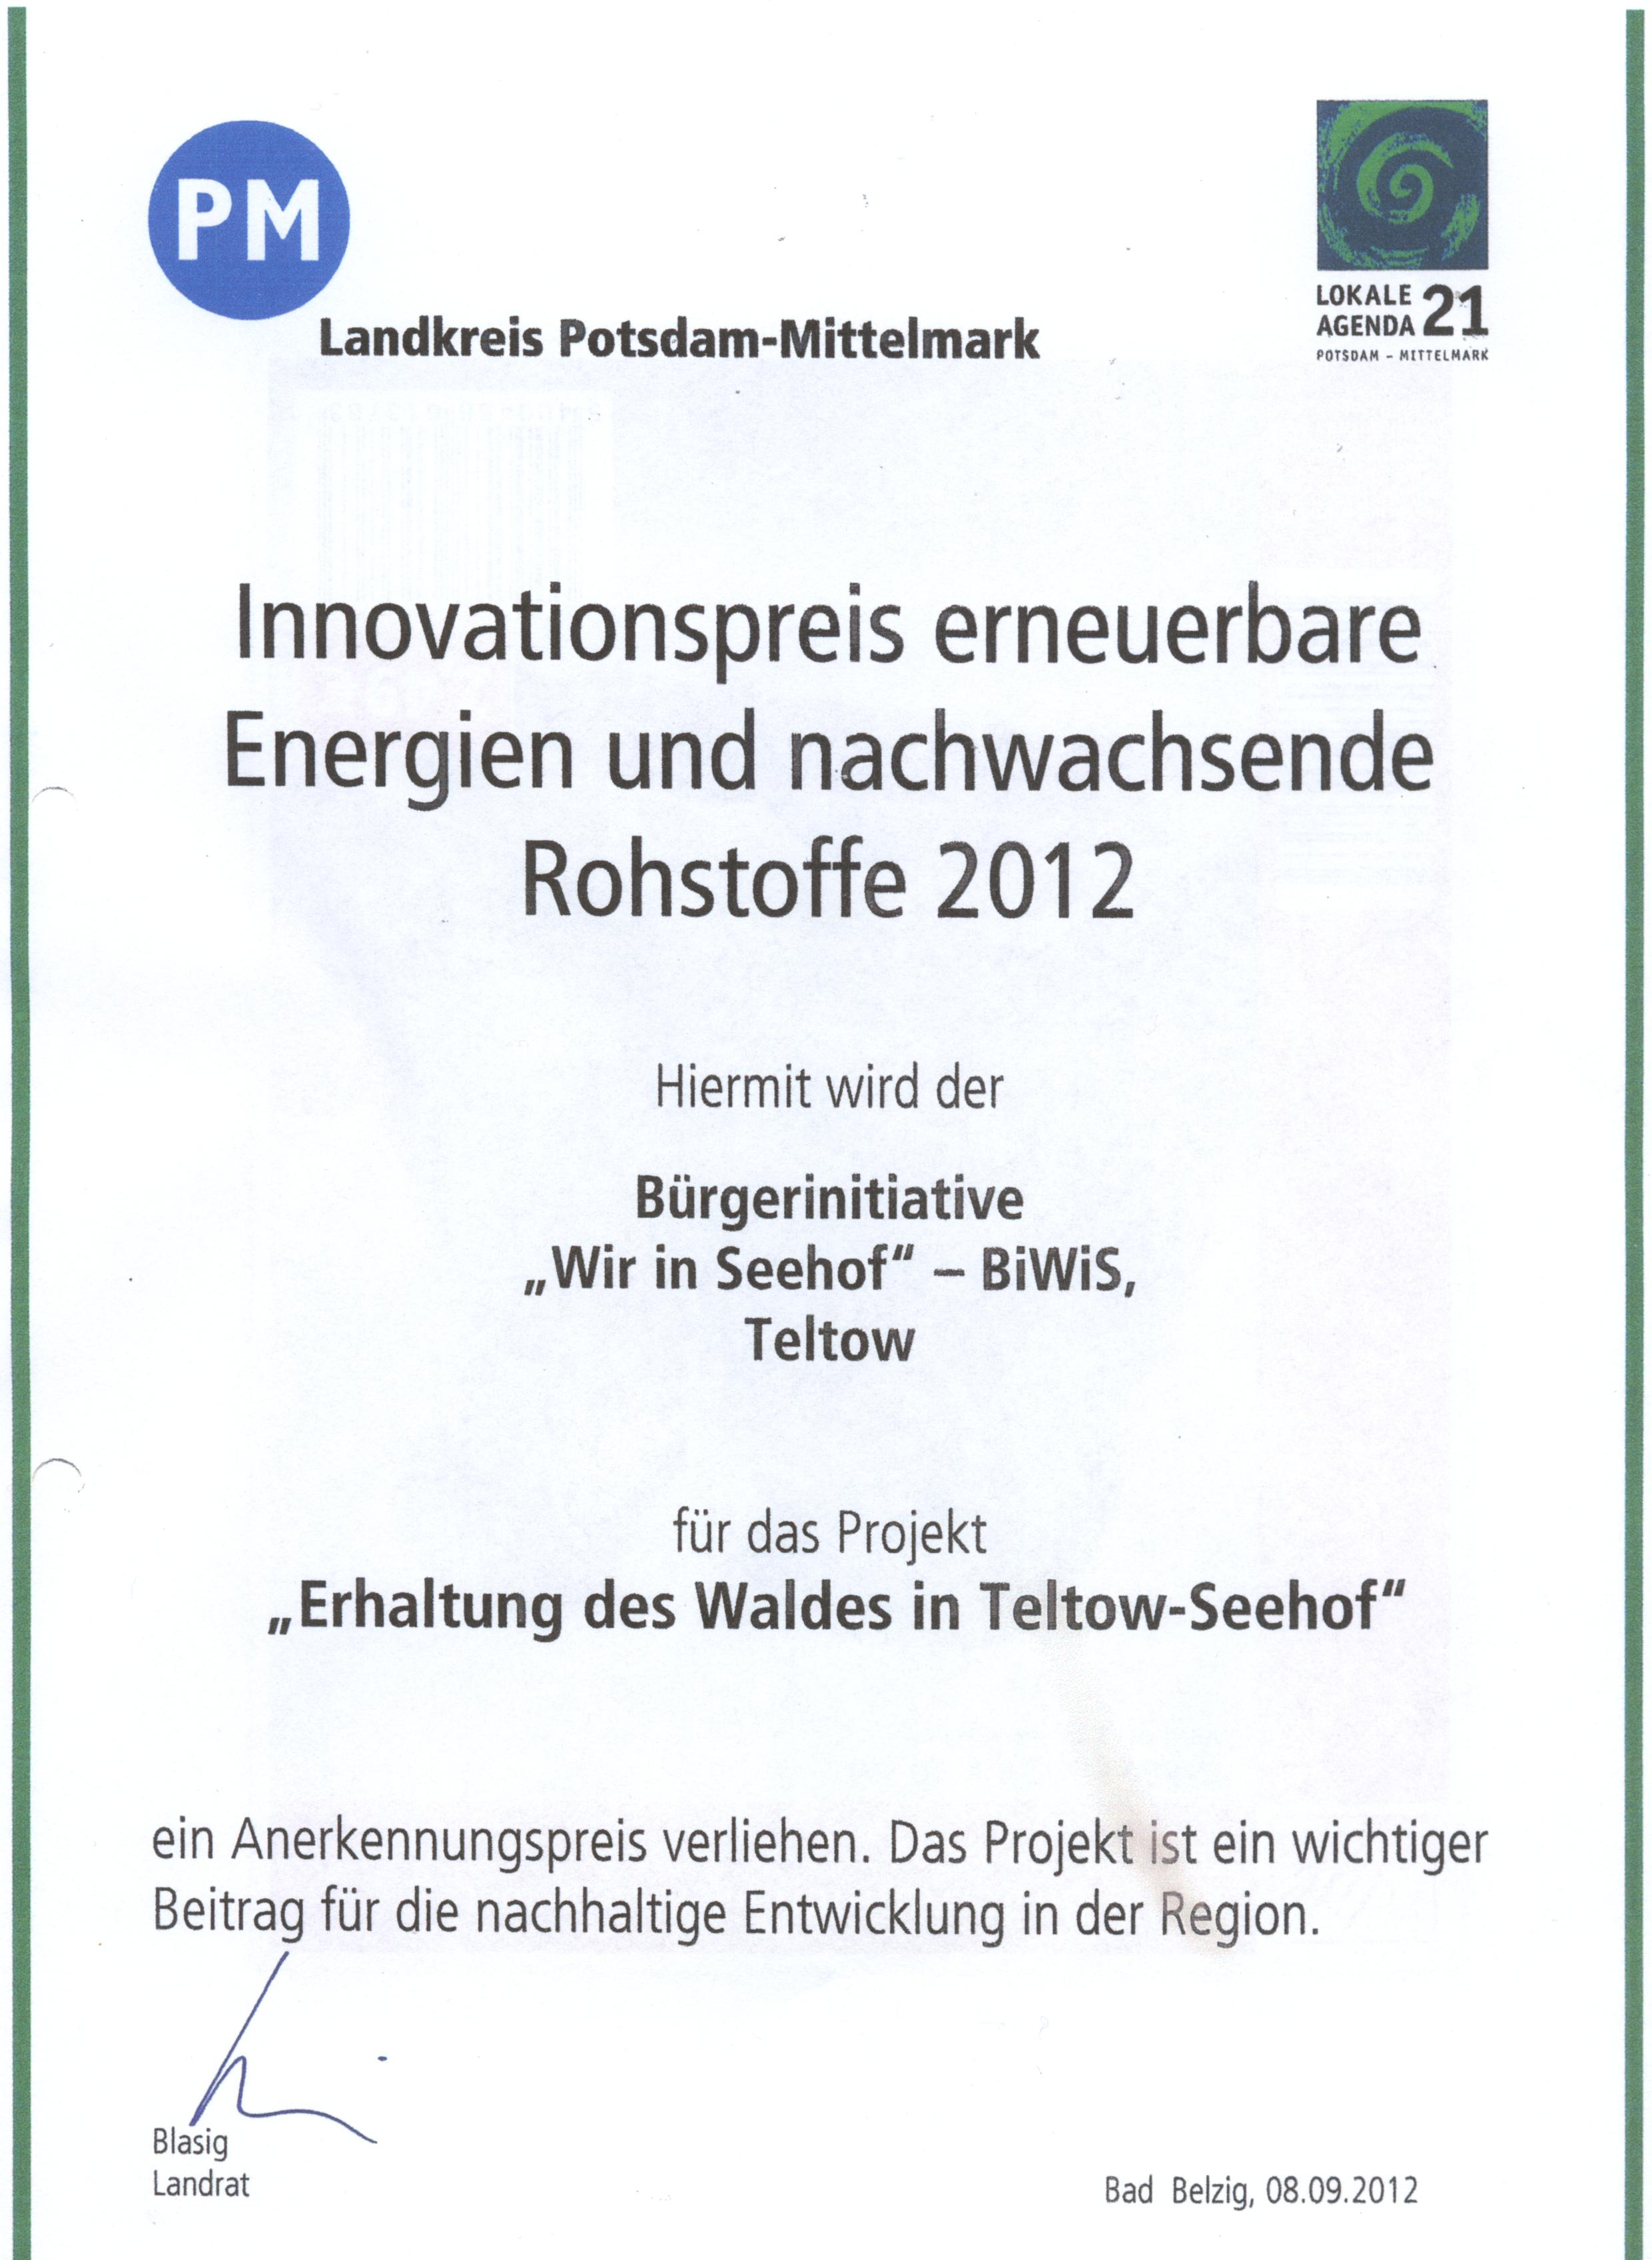 Innovationspreis des Landkreises Potsdam-Mittelmark an die Biwis für den Kampf um den Erhalt des Waldes in Teltow-Seehof, unterzeichnet vom Landrat Herr Blasig (SPD) Danke.